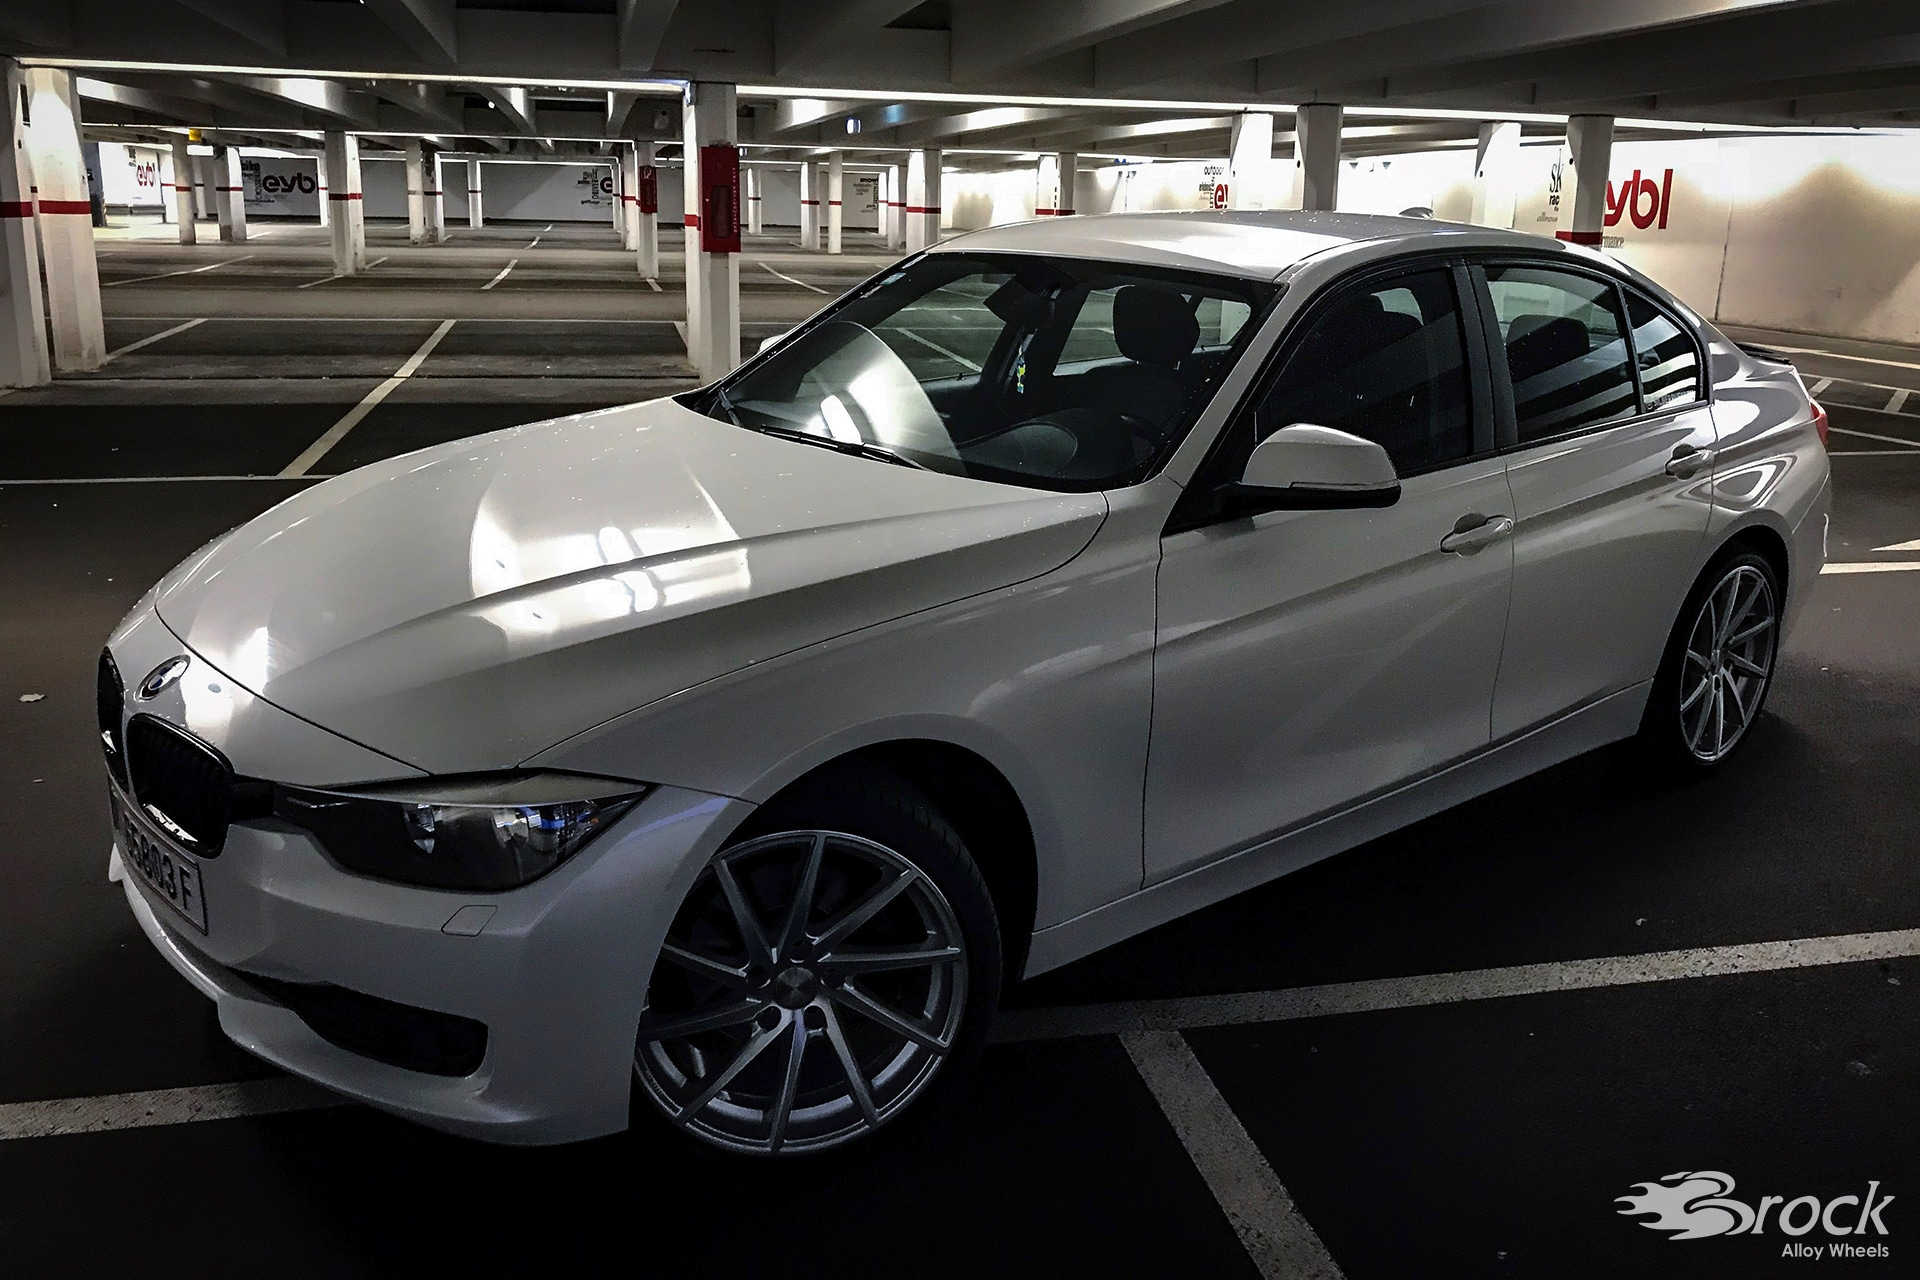 BMW 3er Brock B37 KSVP